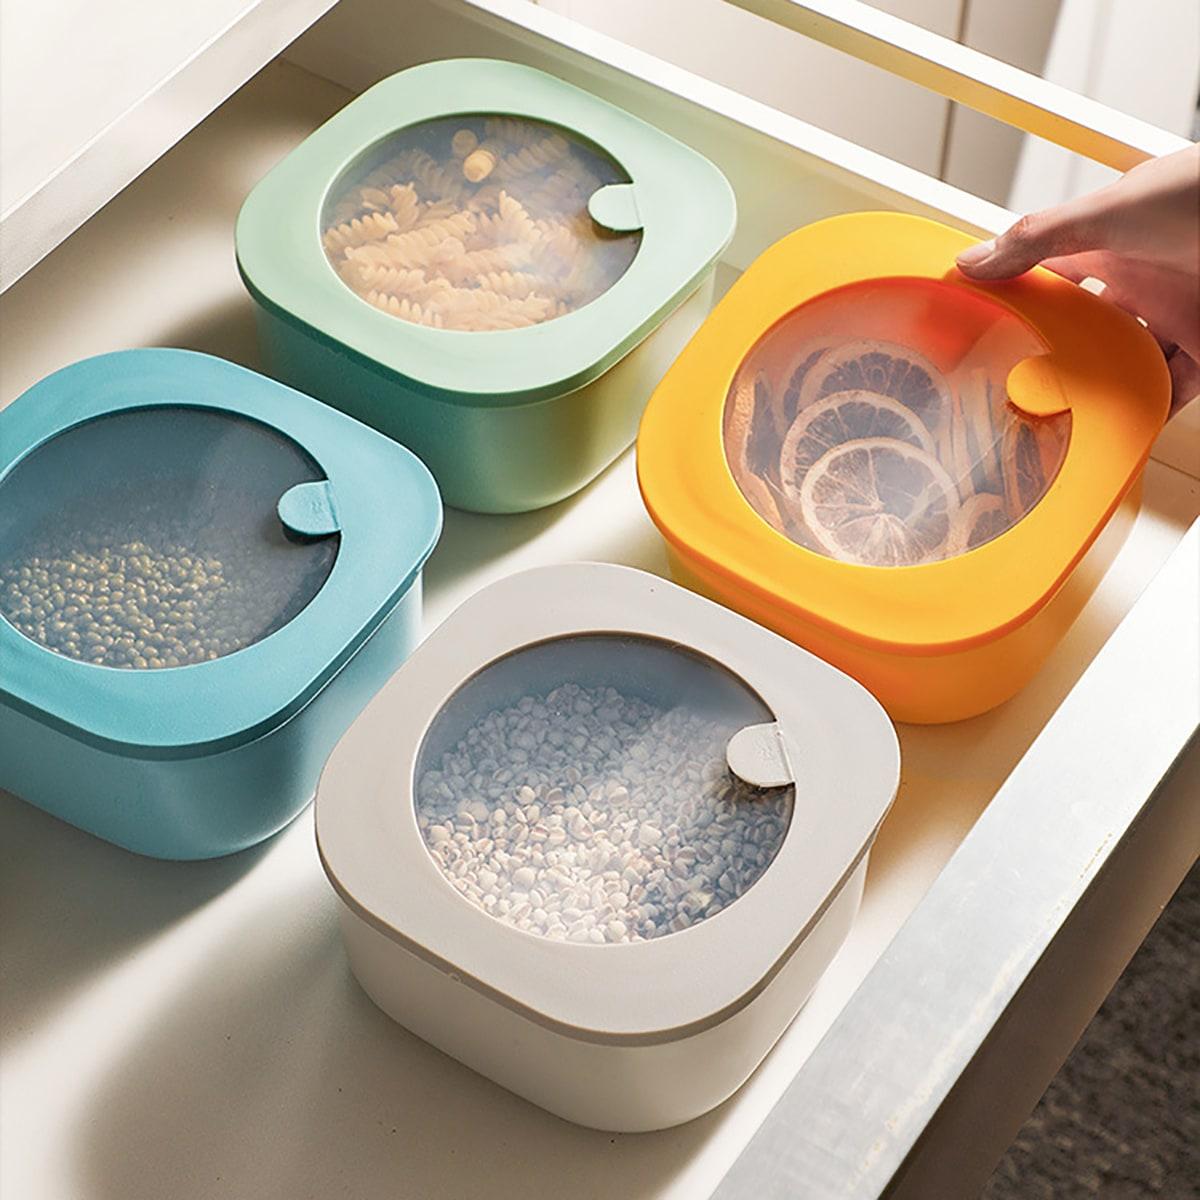 Органайзеры для еды  Кухонное хранение